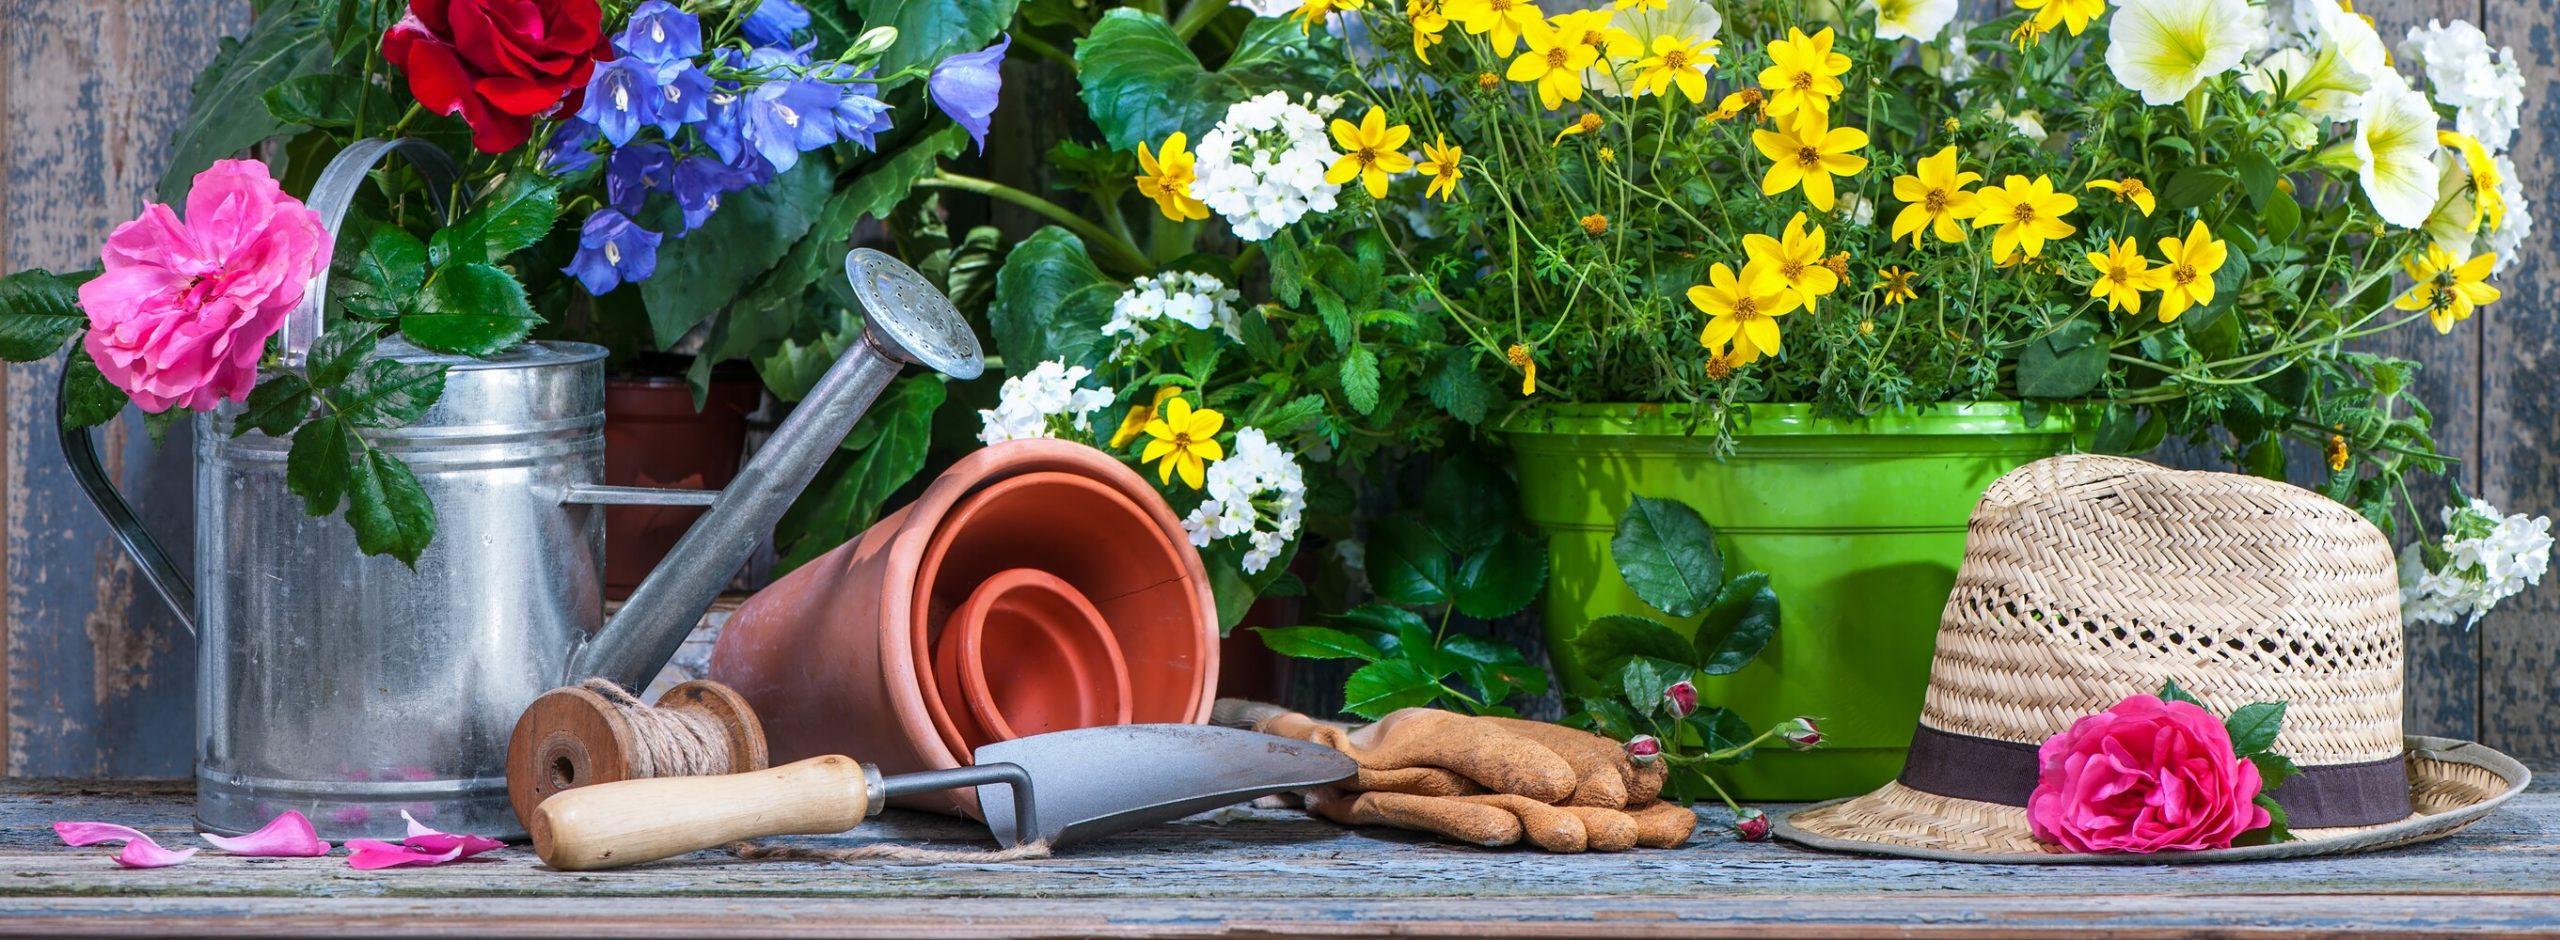 Que ferramentas de jardinagem precisa para cuidar do seu jardim?